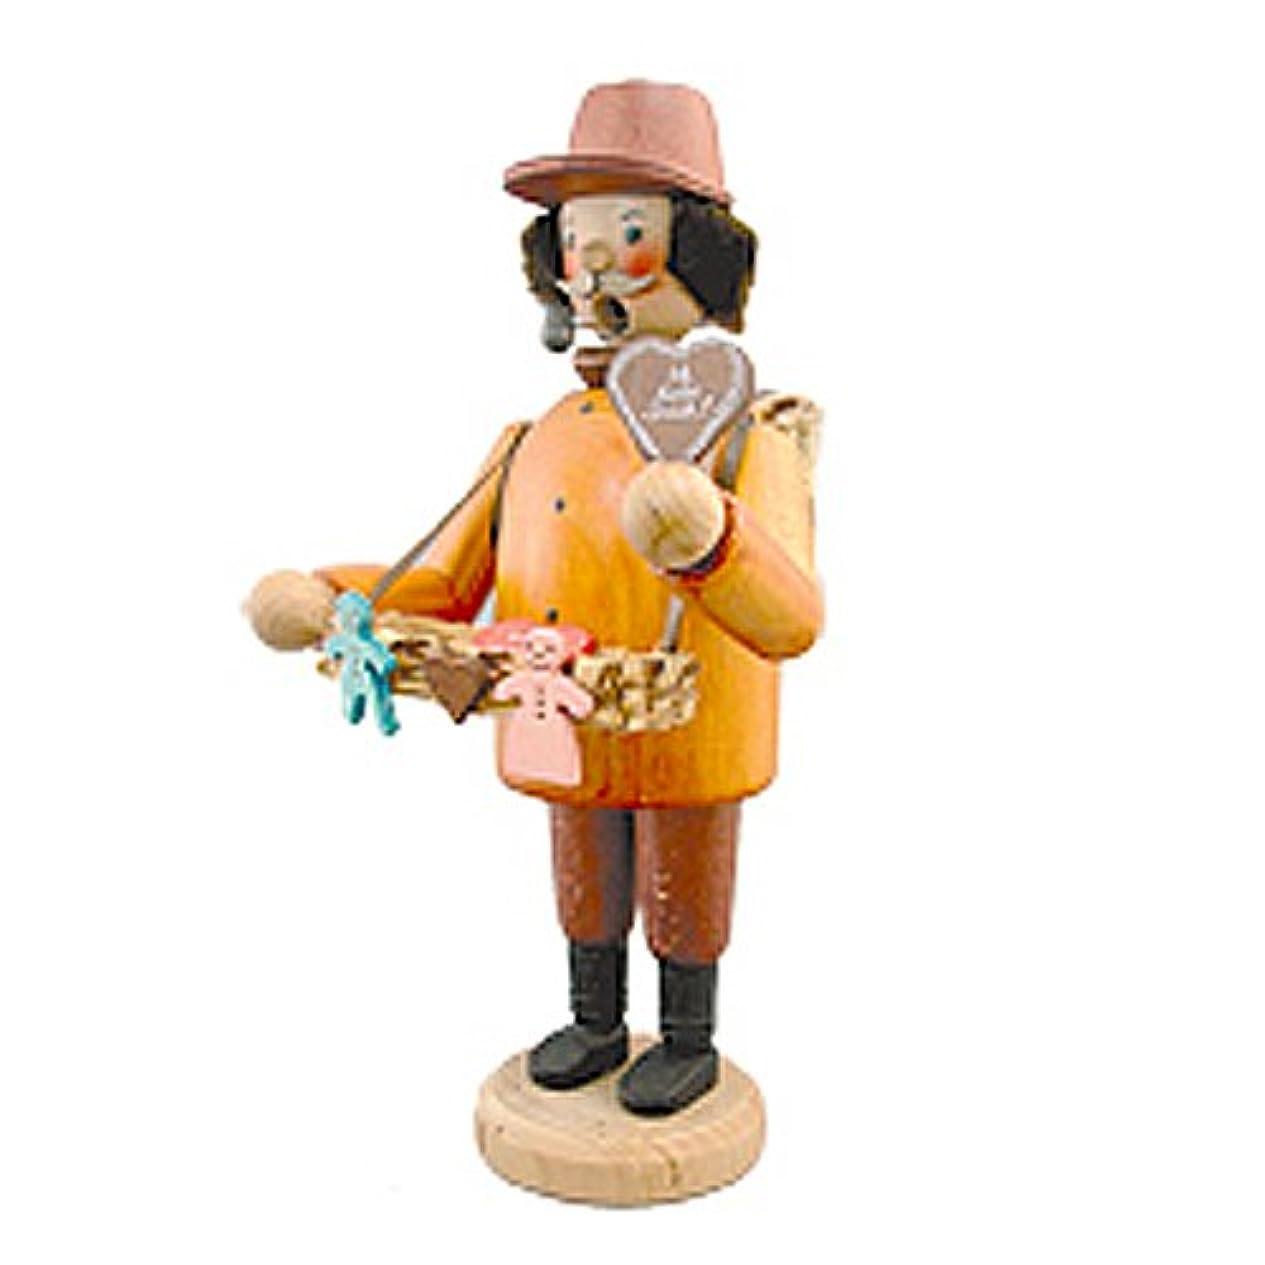 刺繍ブリリアント一kuhnert(クーネルト) パイプ人形香炉 120×200mm 「菓子売り」